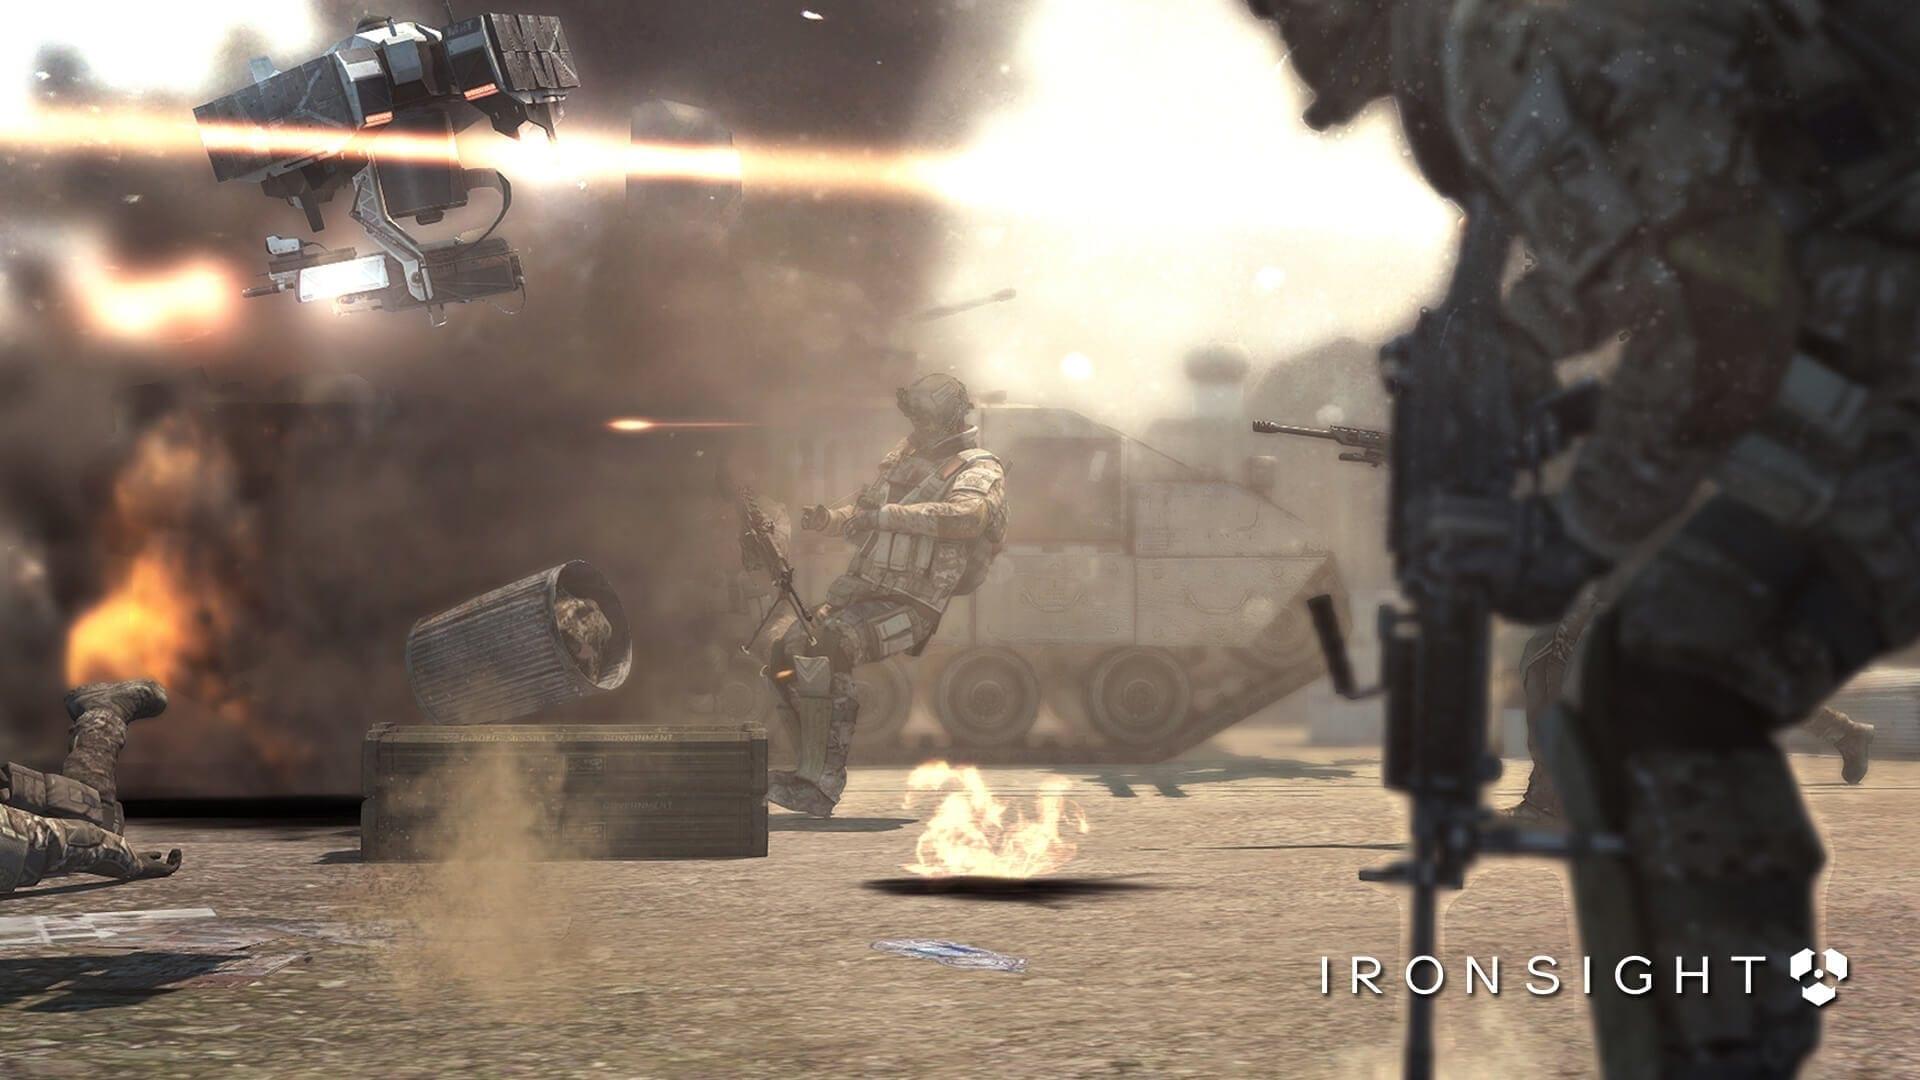 Ironsight – Closed Beta date announced for futuristic sci-fi